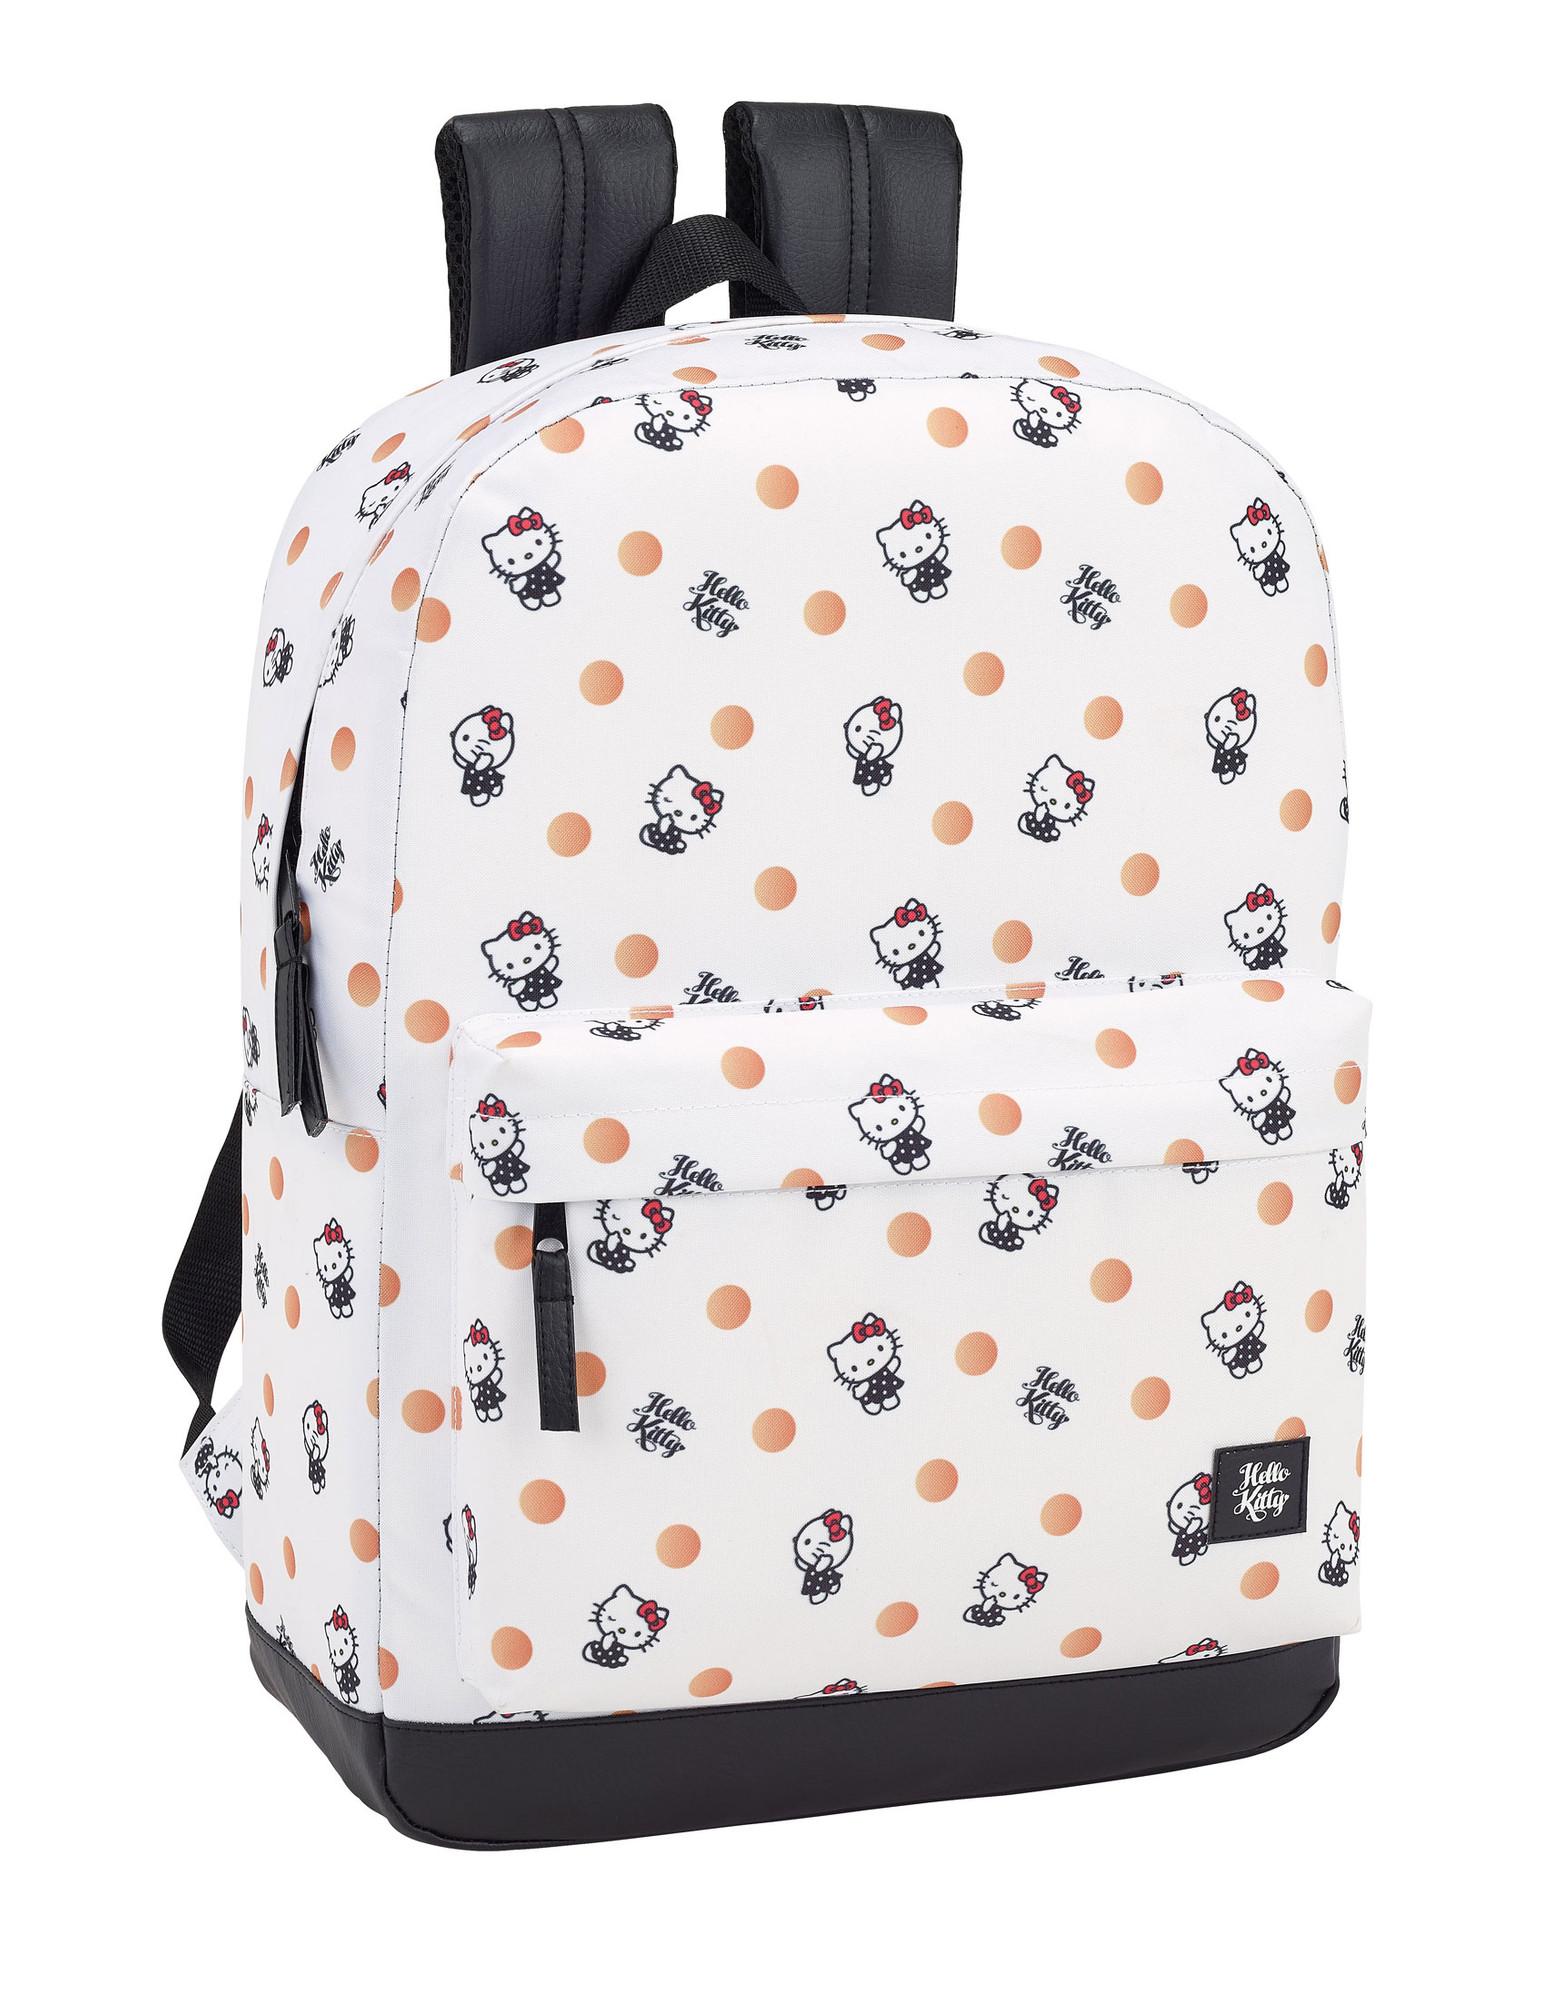 e8bc791e4 Hello Kitty Polka Dots Laptop Backpack 15.6'